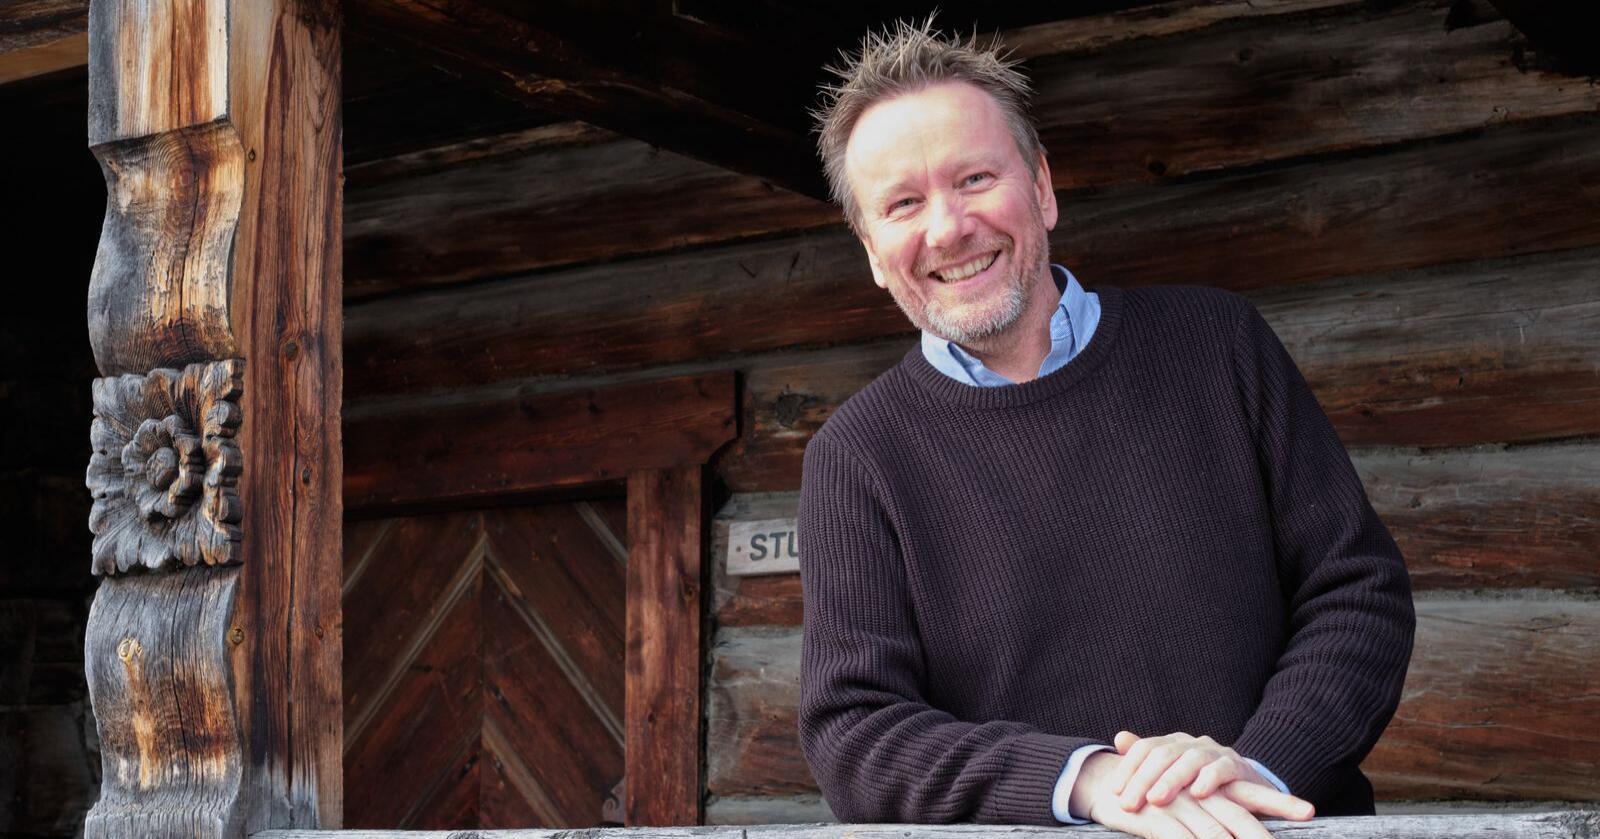 På meir enn ein måte er det «butikk» for storsamfunnet å drive kulturminnevern, meiner Erik Lillebråten, direktør i stiftelsen Norsk Kulturarv. Foto: Knut Kvingan